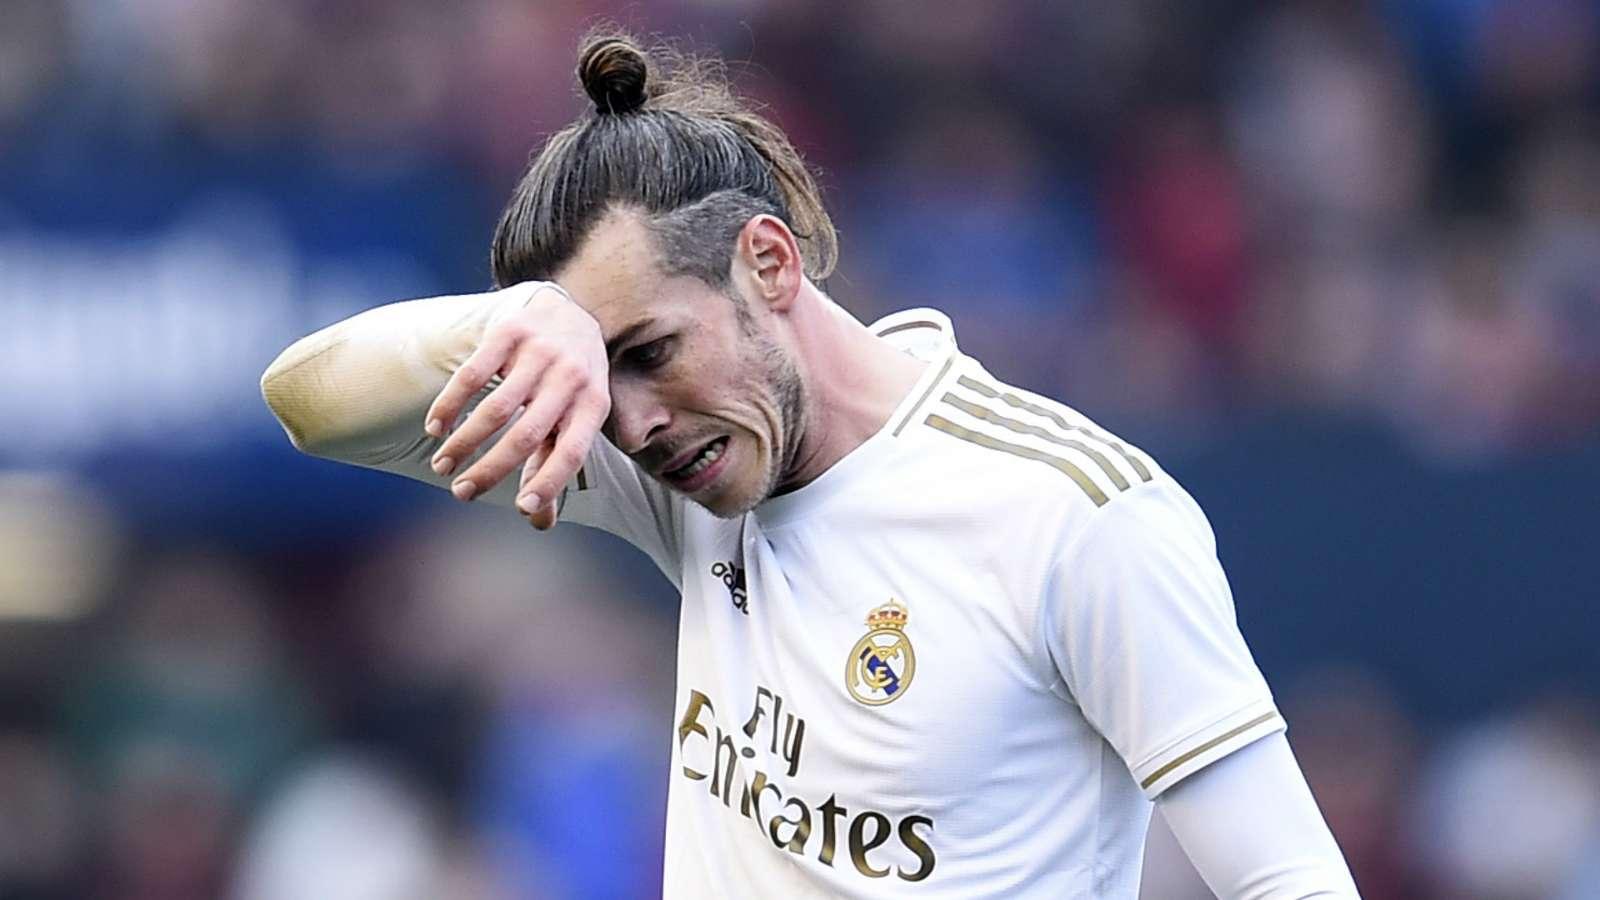 Rentan Cedera Jadi Masalah Terbesar Gareth Bale Yang Pemalu & Introvert